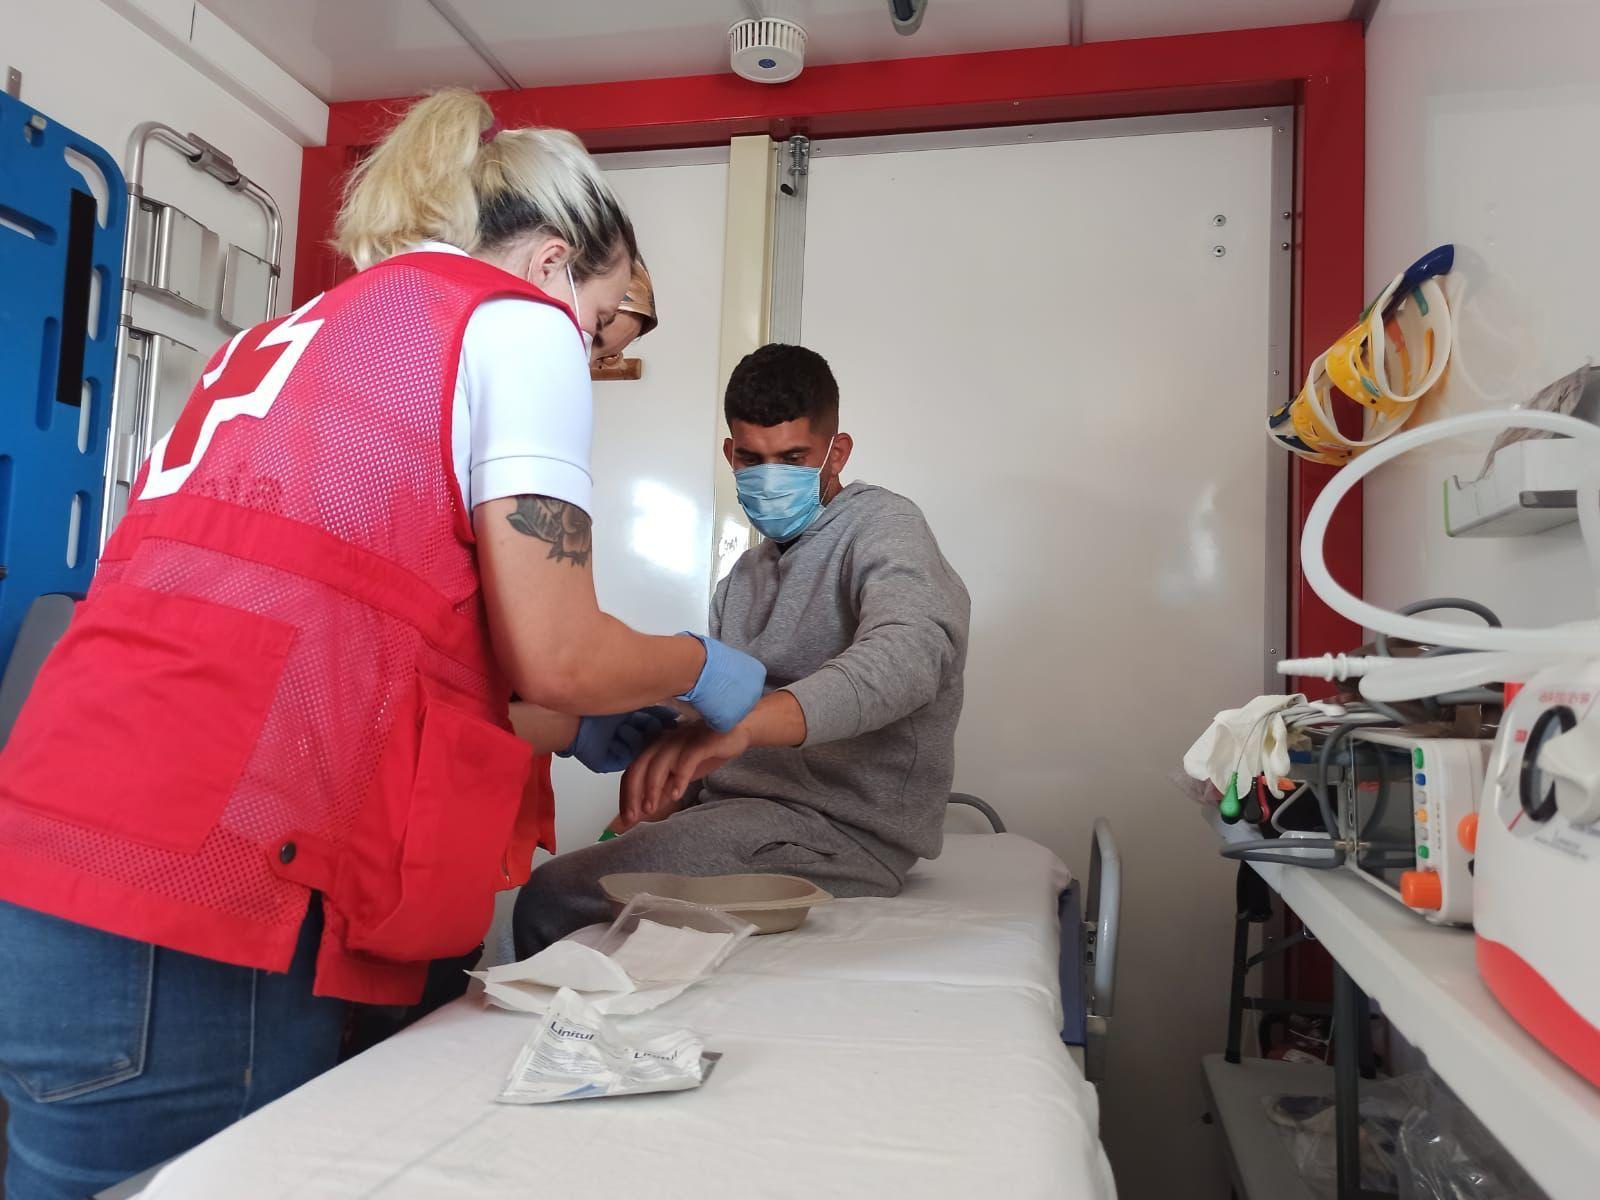 Llegan dos pateras a Xàbia y L'Alfàs del Pi con 22 inmigrantes a bordo